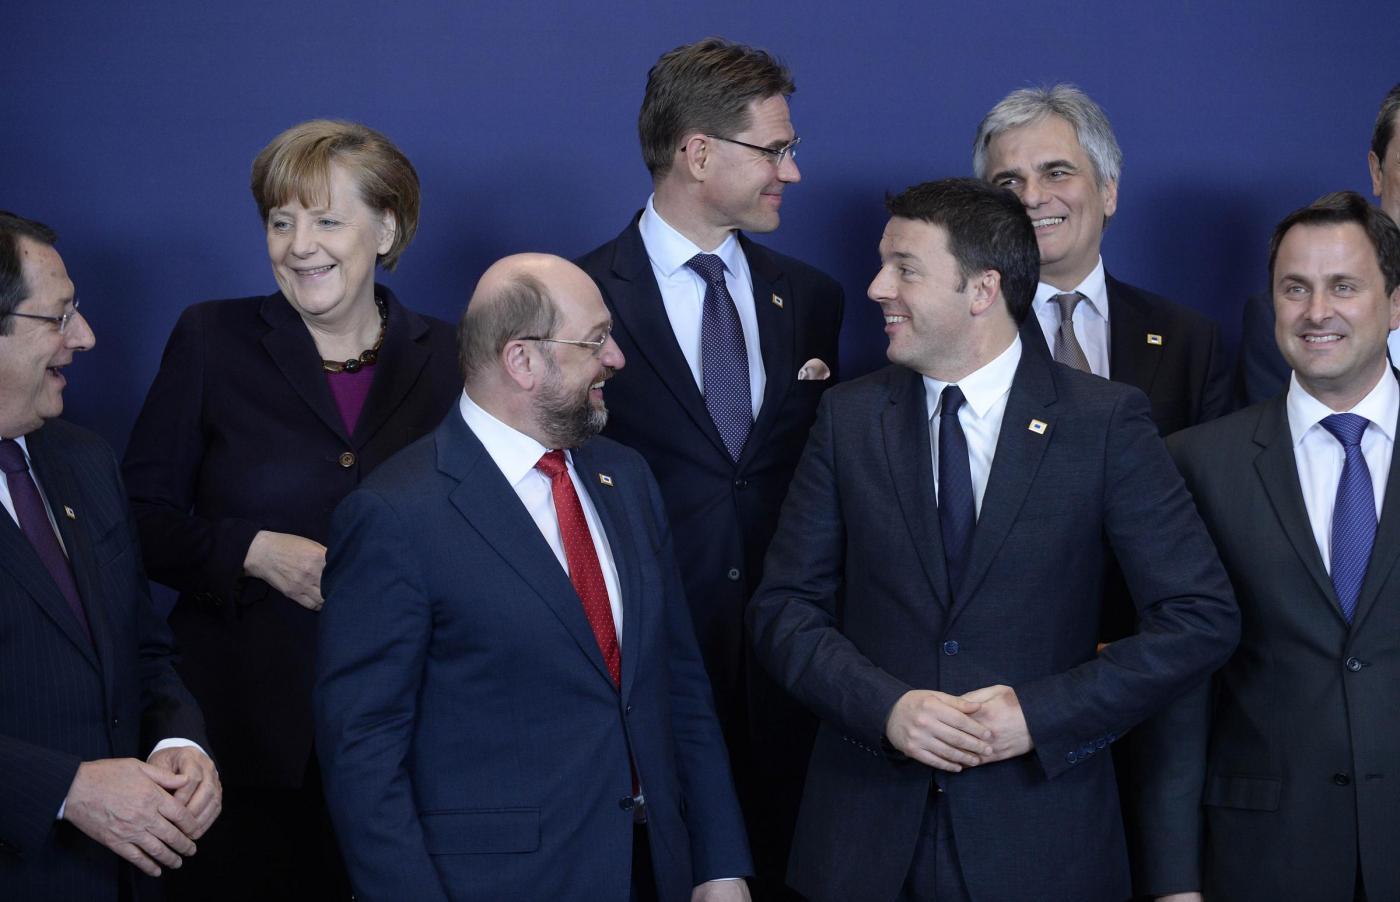 Semestre Europeo Italia 2014: cos'è e cosa vuol dire per Renzi?